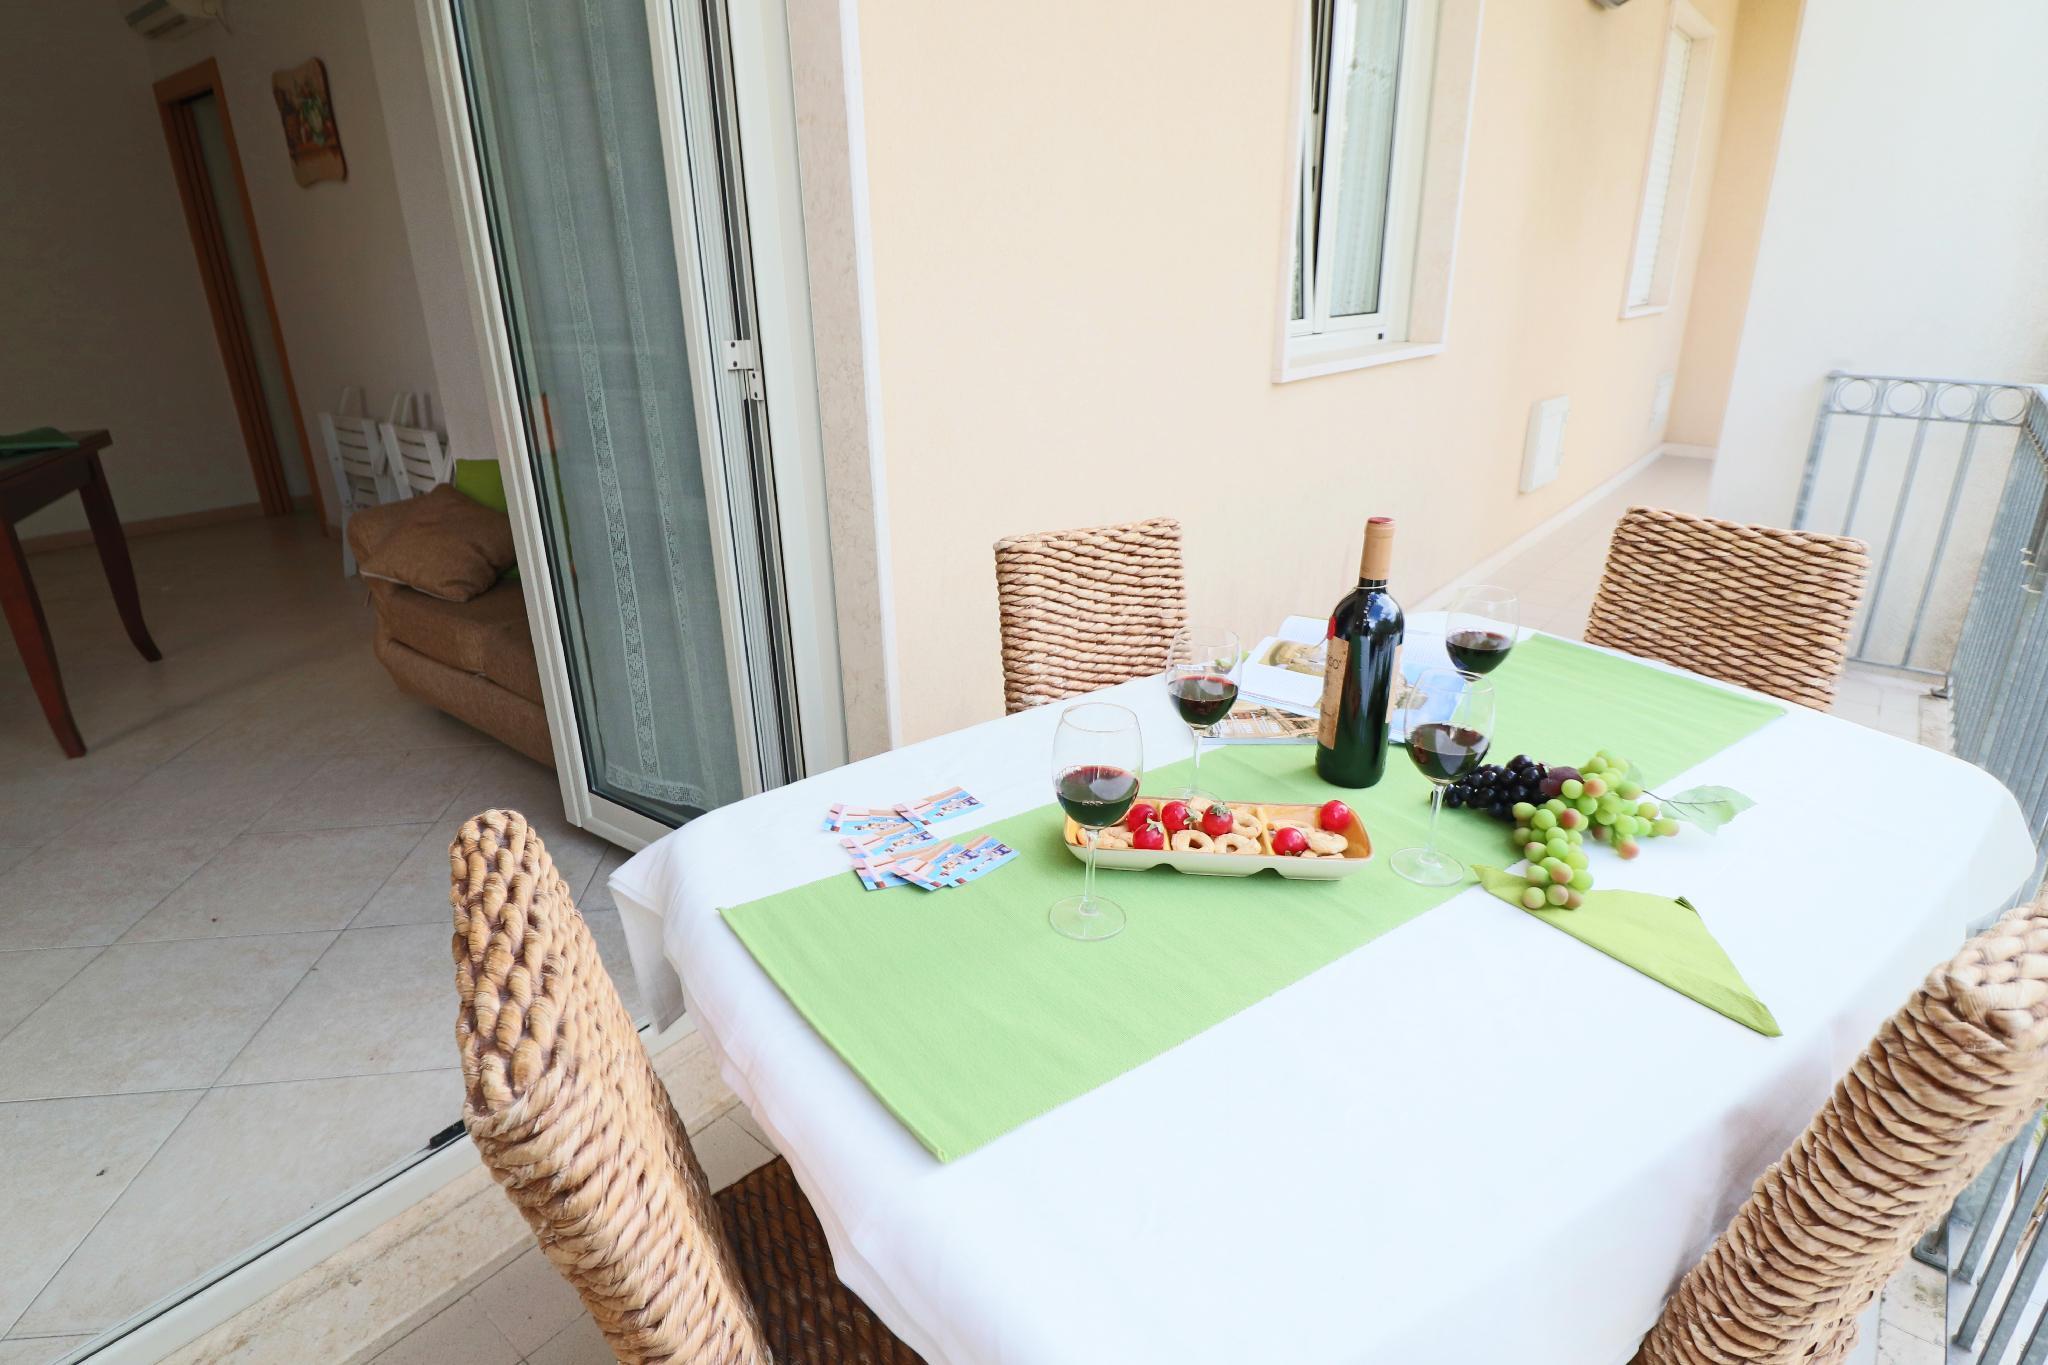 Casa vacanze chiara Otranto centro, Salento 56 posti